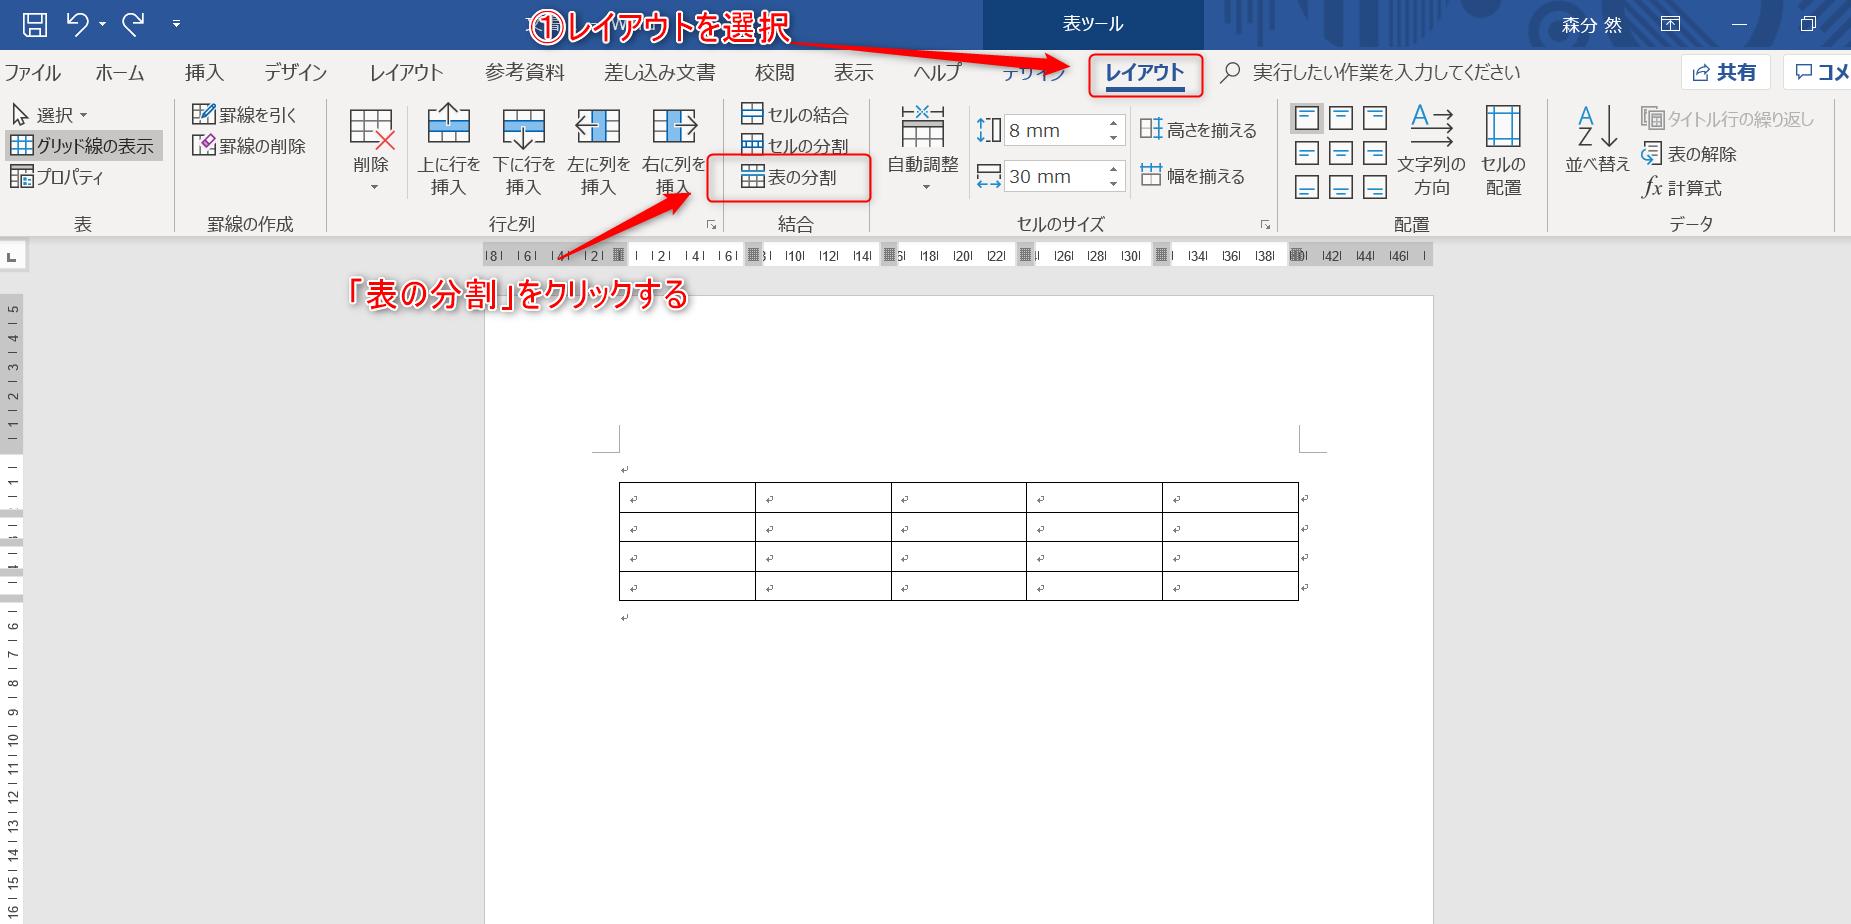 表の分割ボタンの場所を示しているワードの画像